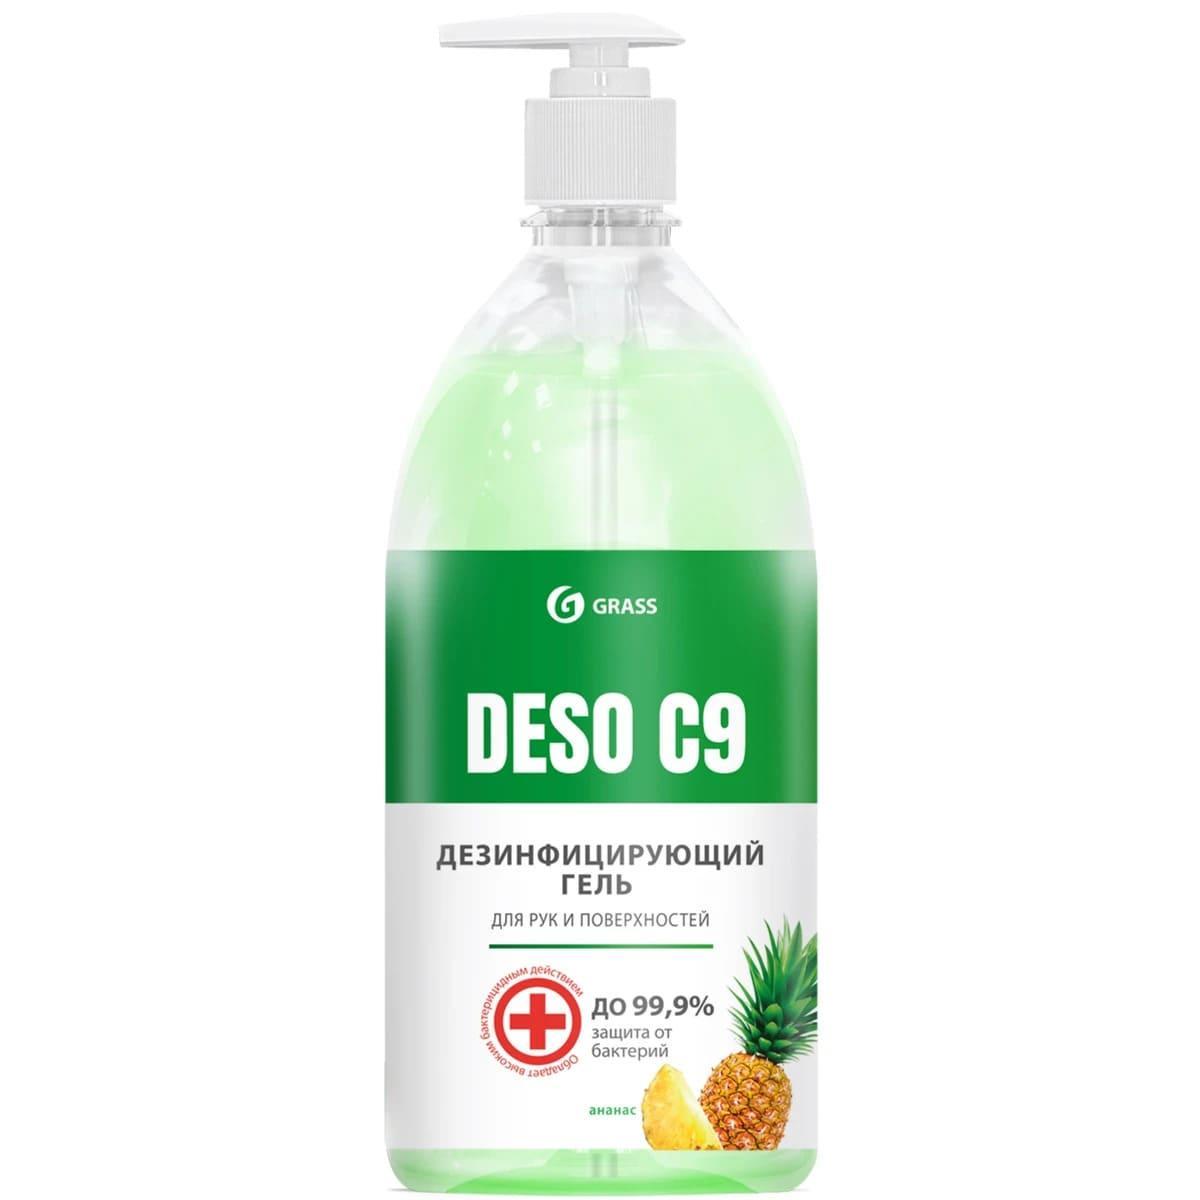 Дезинфицирующее средство на основе изопропилового спирта DESO C9 гель (ананас)